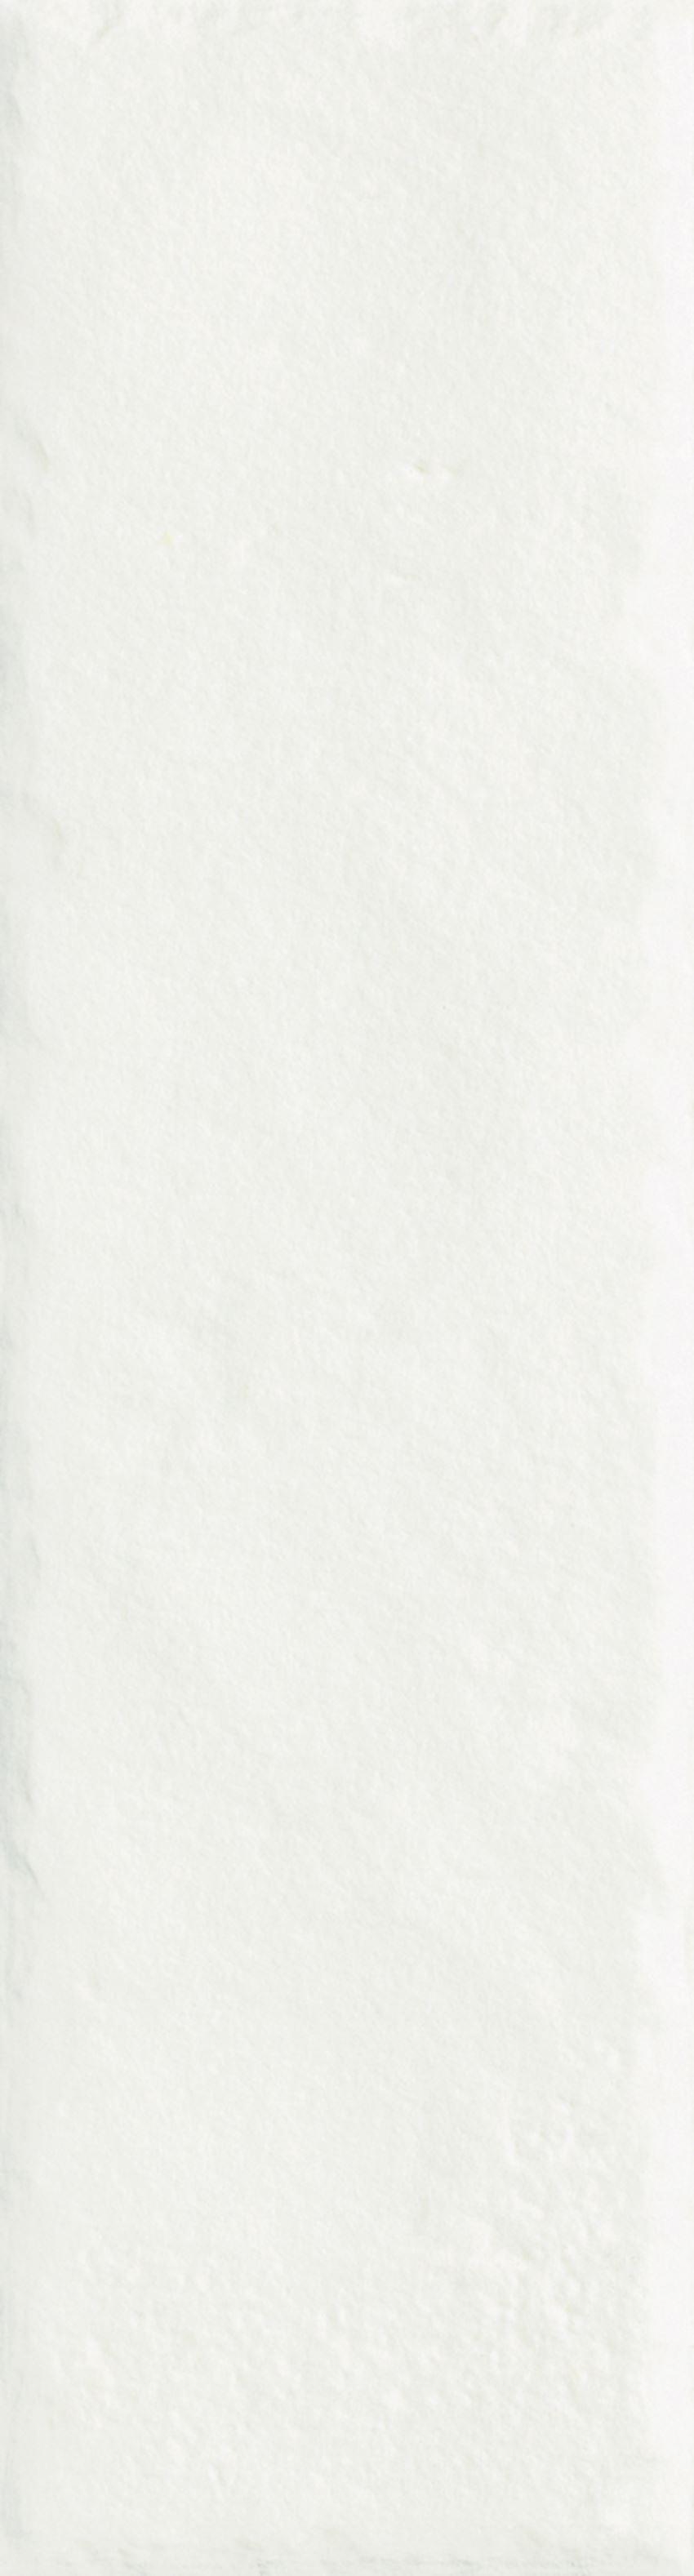 Płytka elewacyjna 6,6x24,5 cm Paradyż Scandiano Bianco Elewacja 24,5X6,6